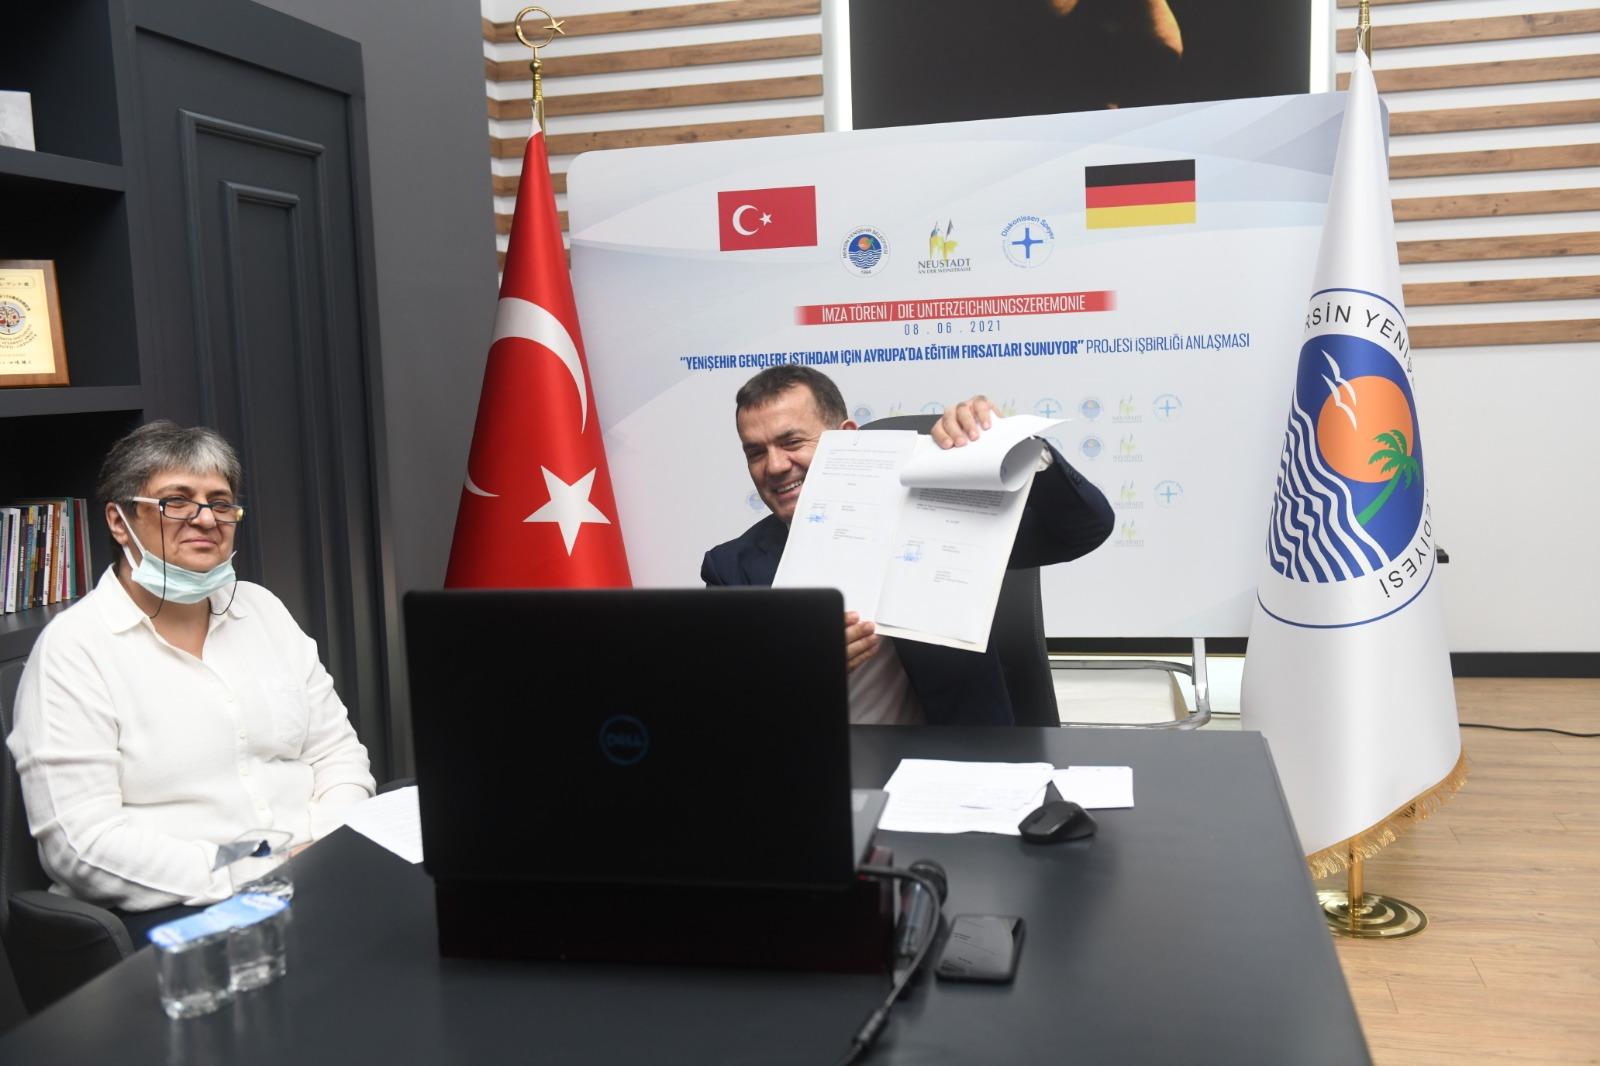 Yenişehir Belediyesi gençlere yurt dışında eğitim ve iş imkânı sağlayacak